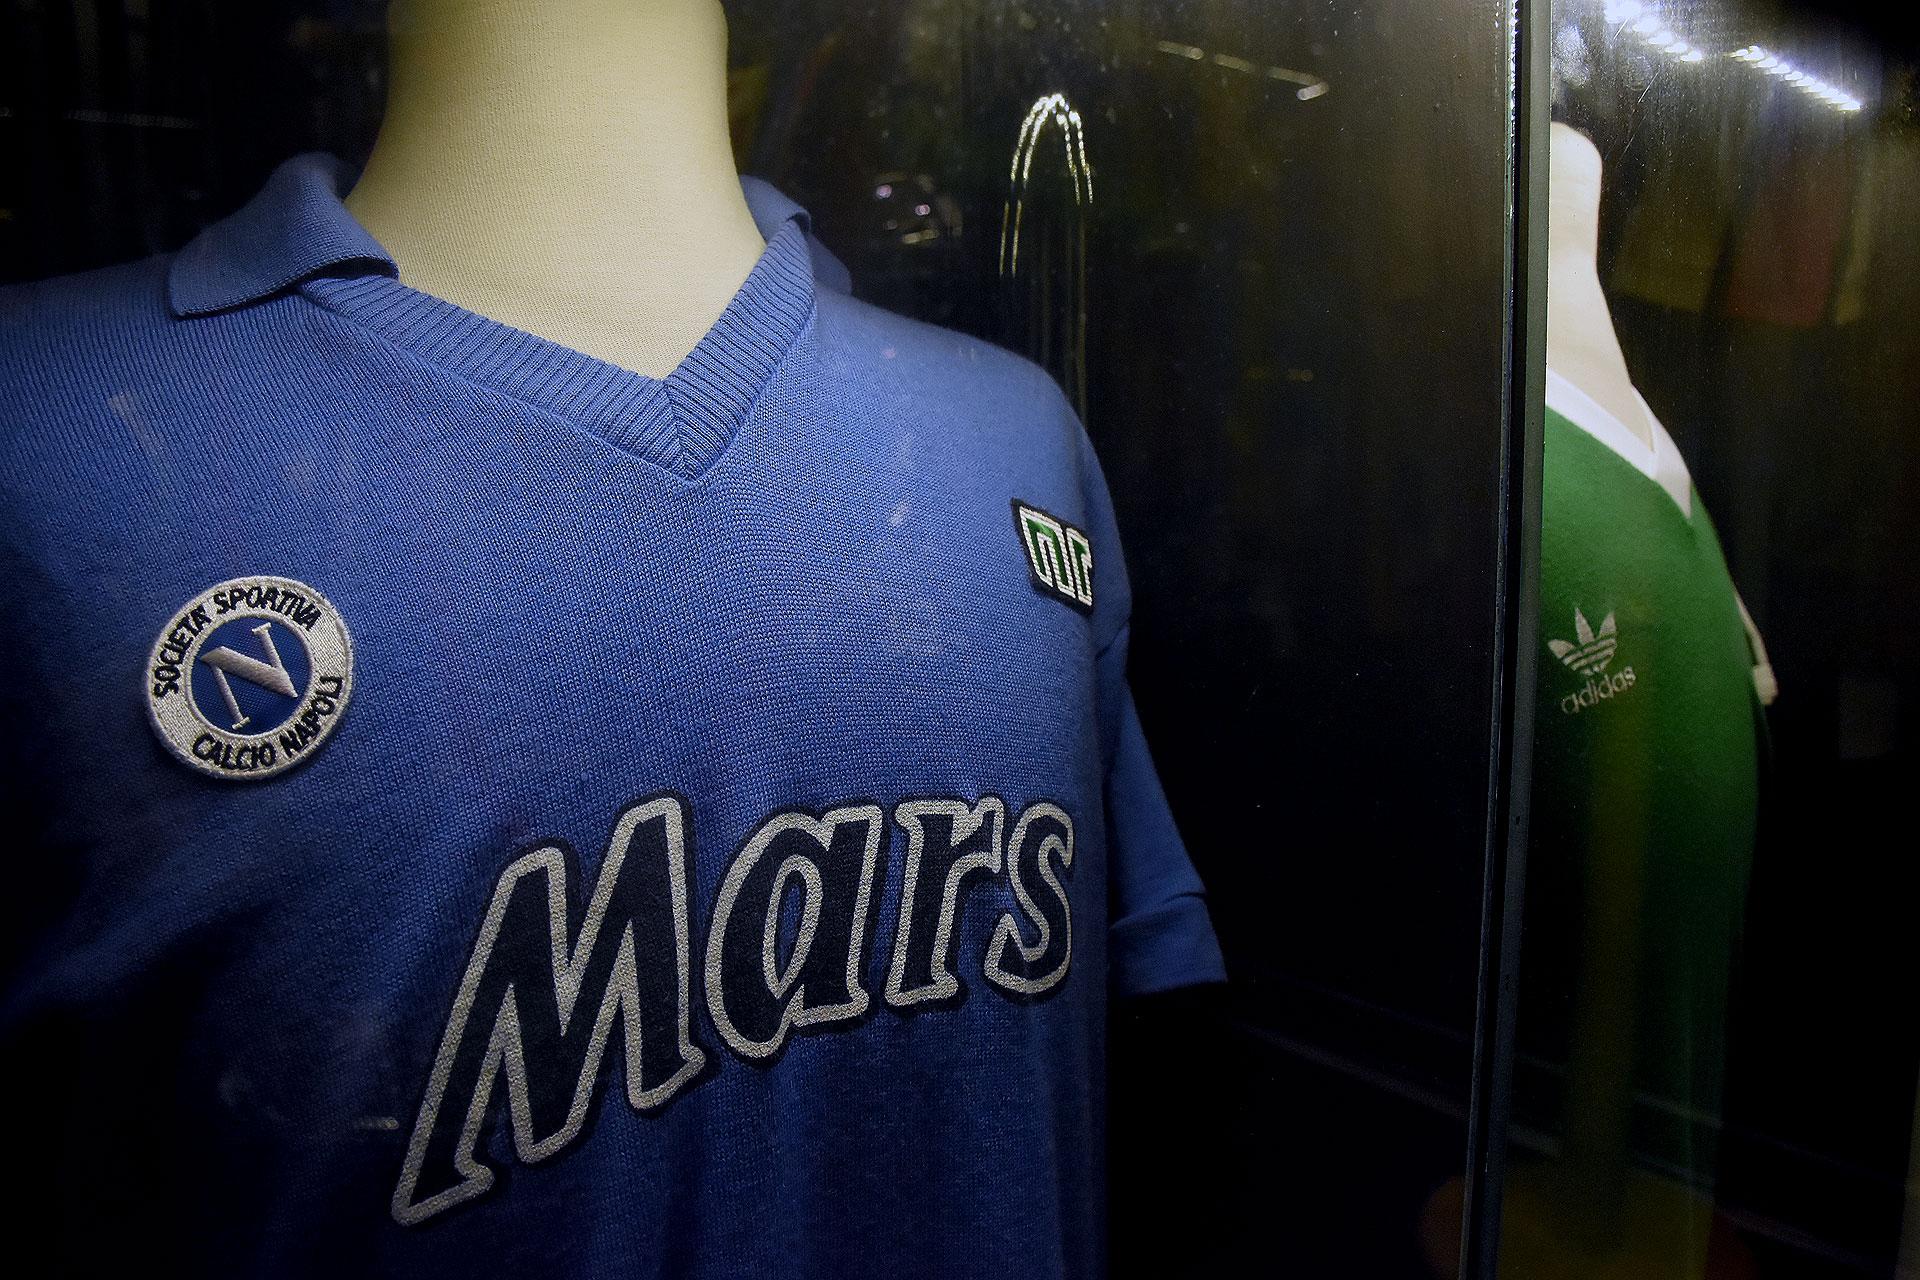 Una de las camisetas del Napoli que se puso Diego Armando Maradona (Nicolas Stulberg)